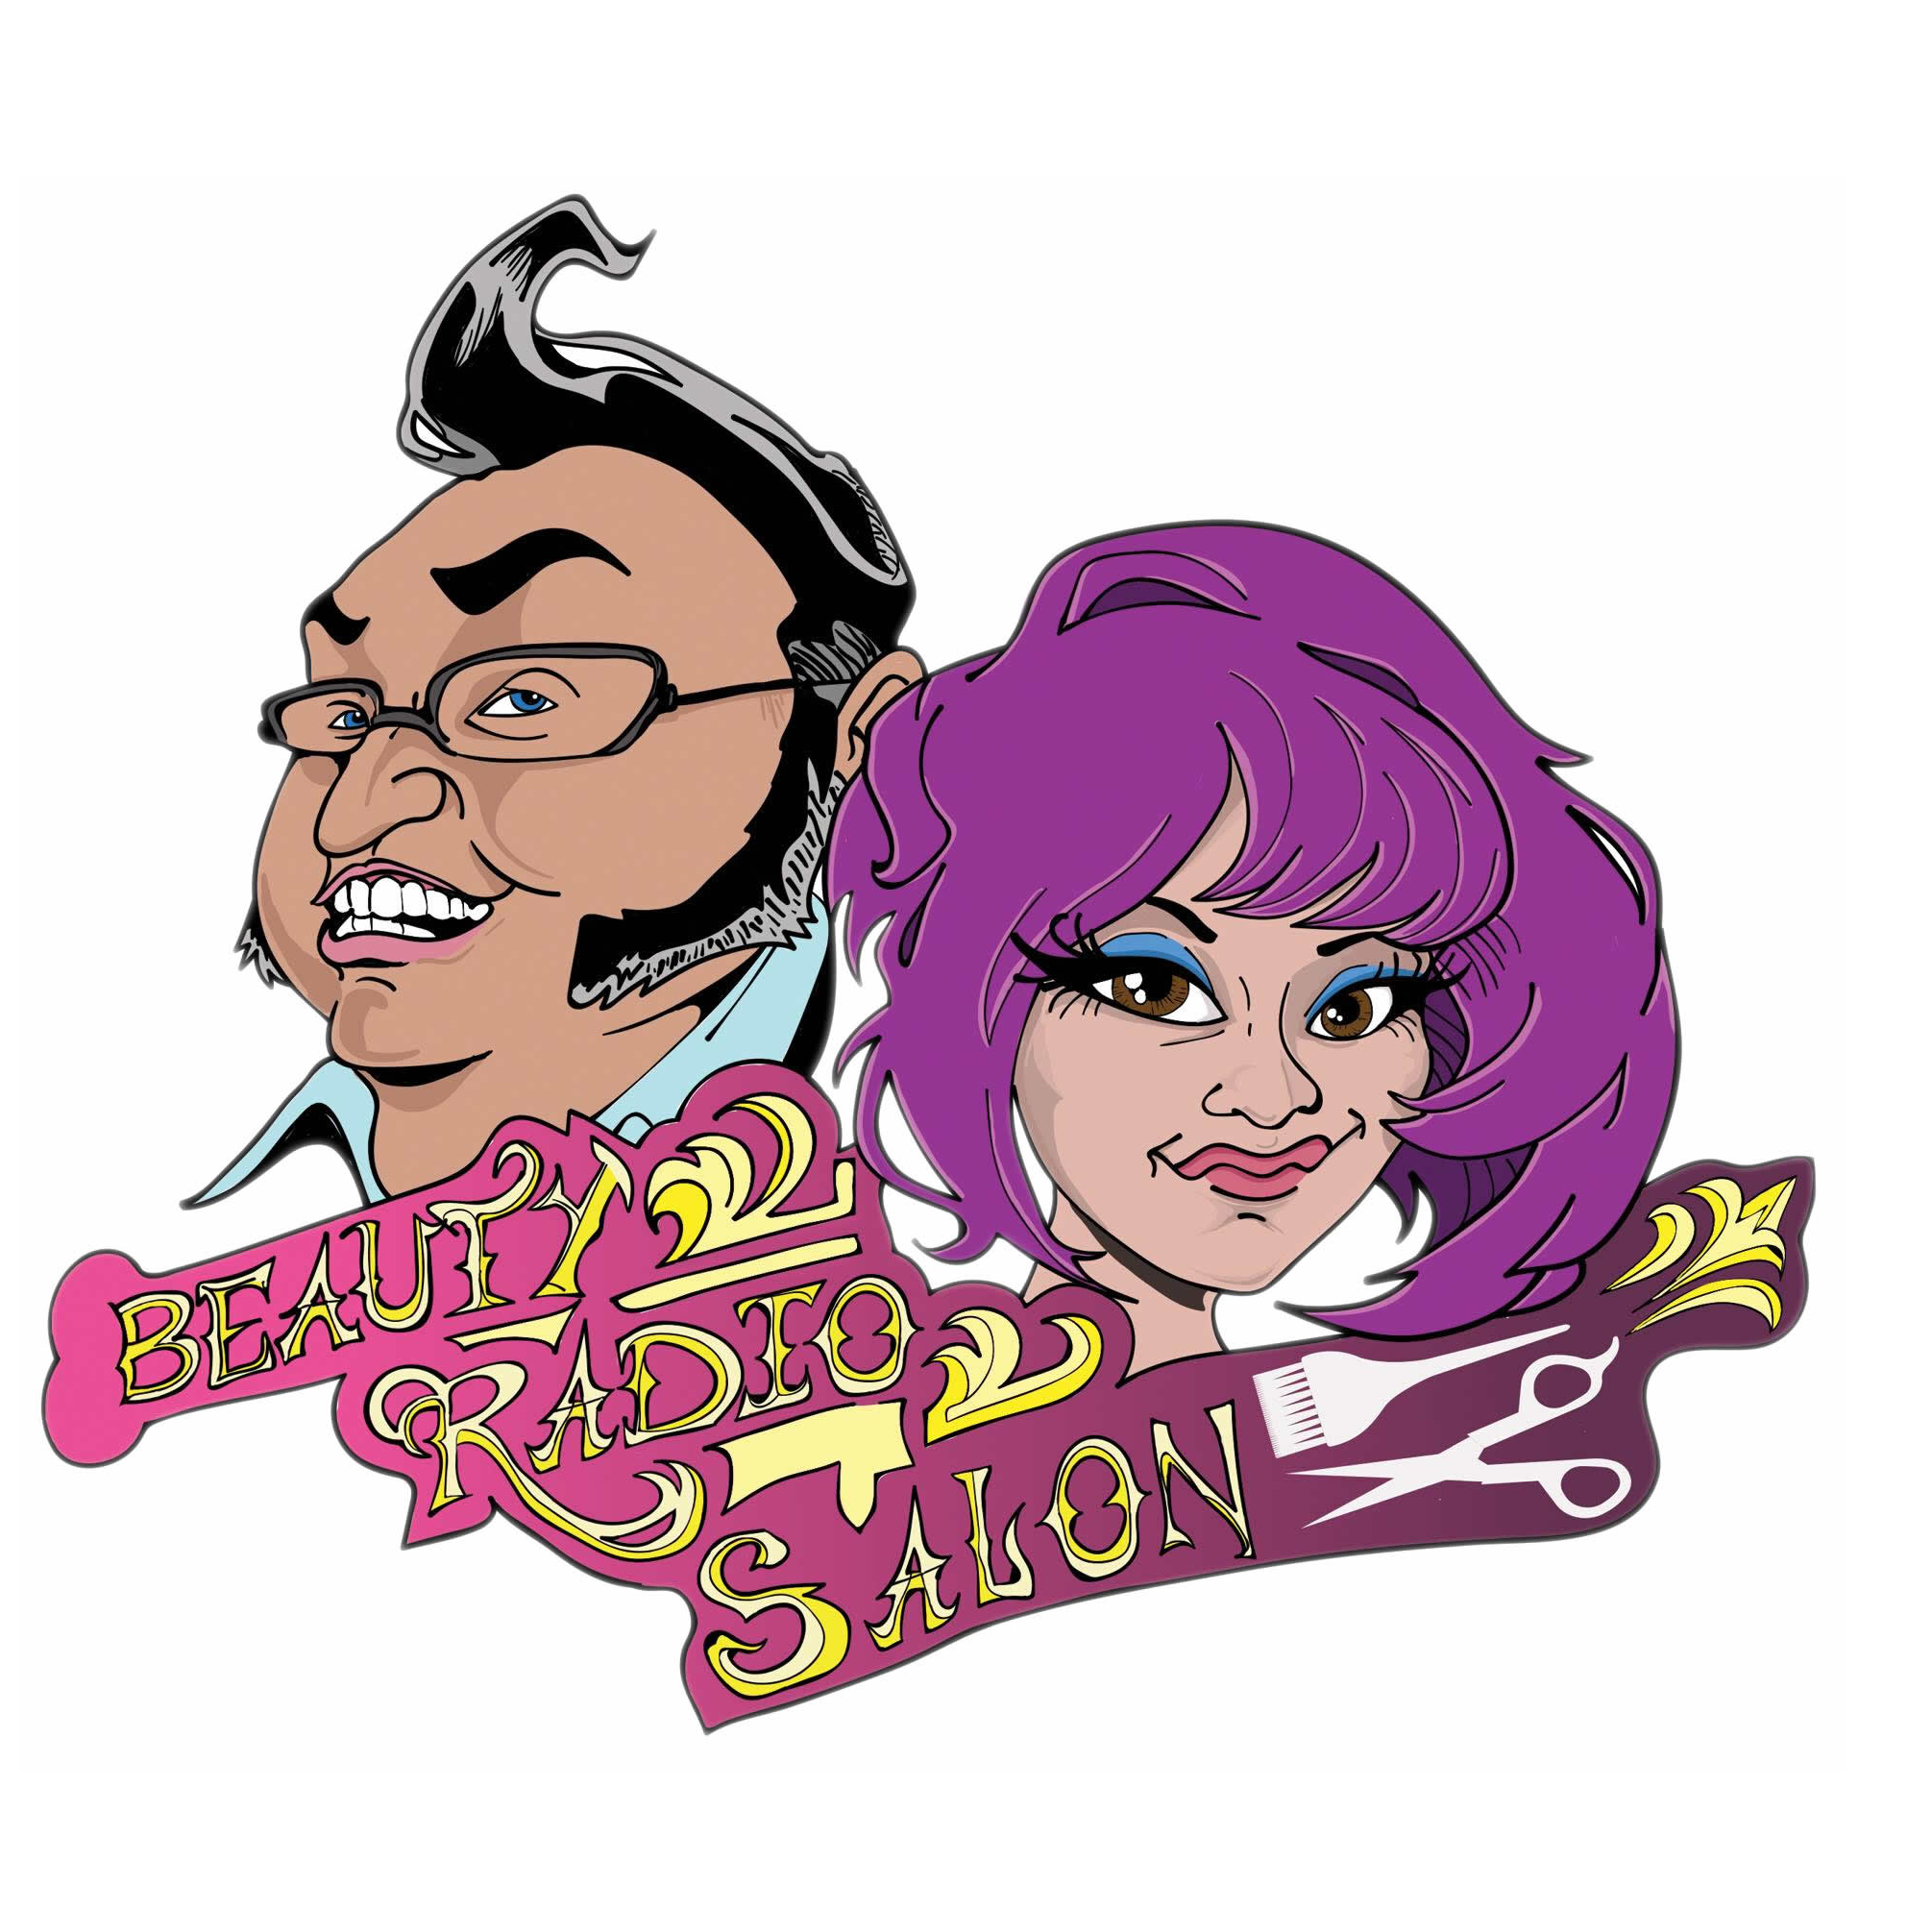 BeautyRadio.com